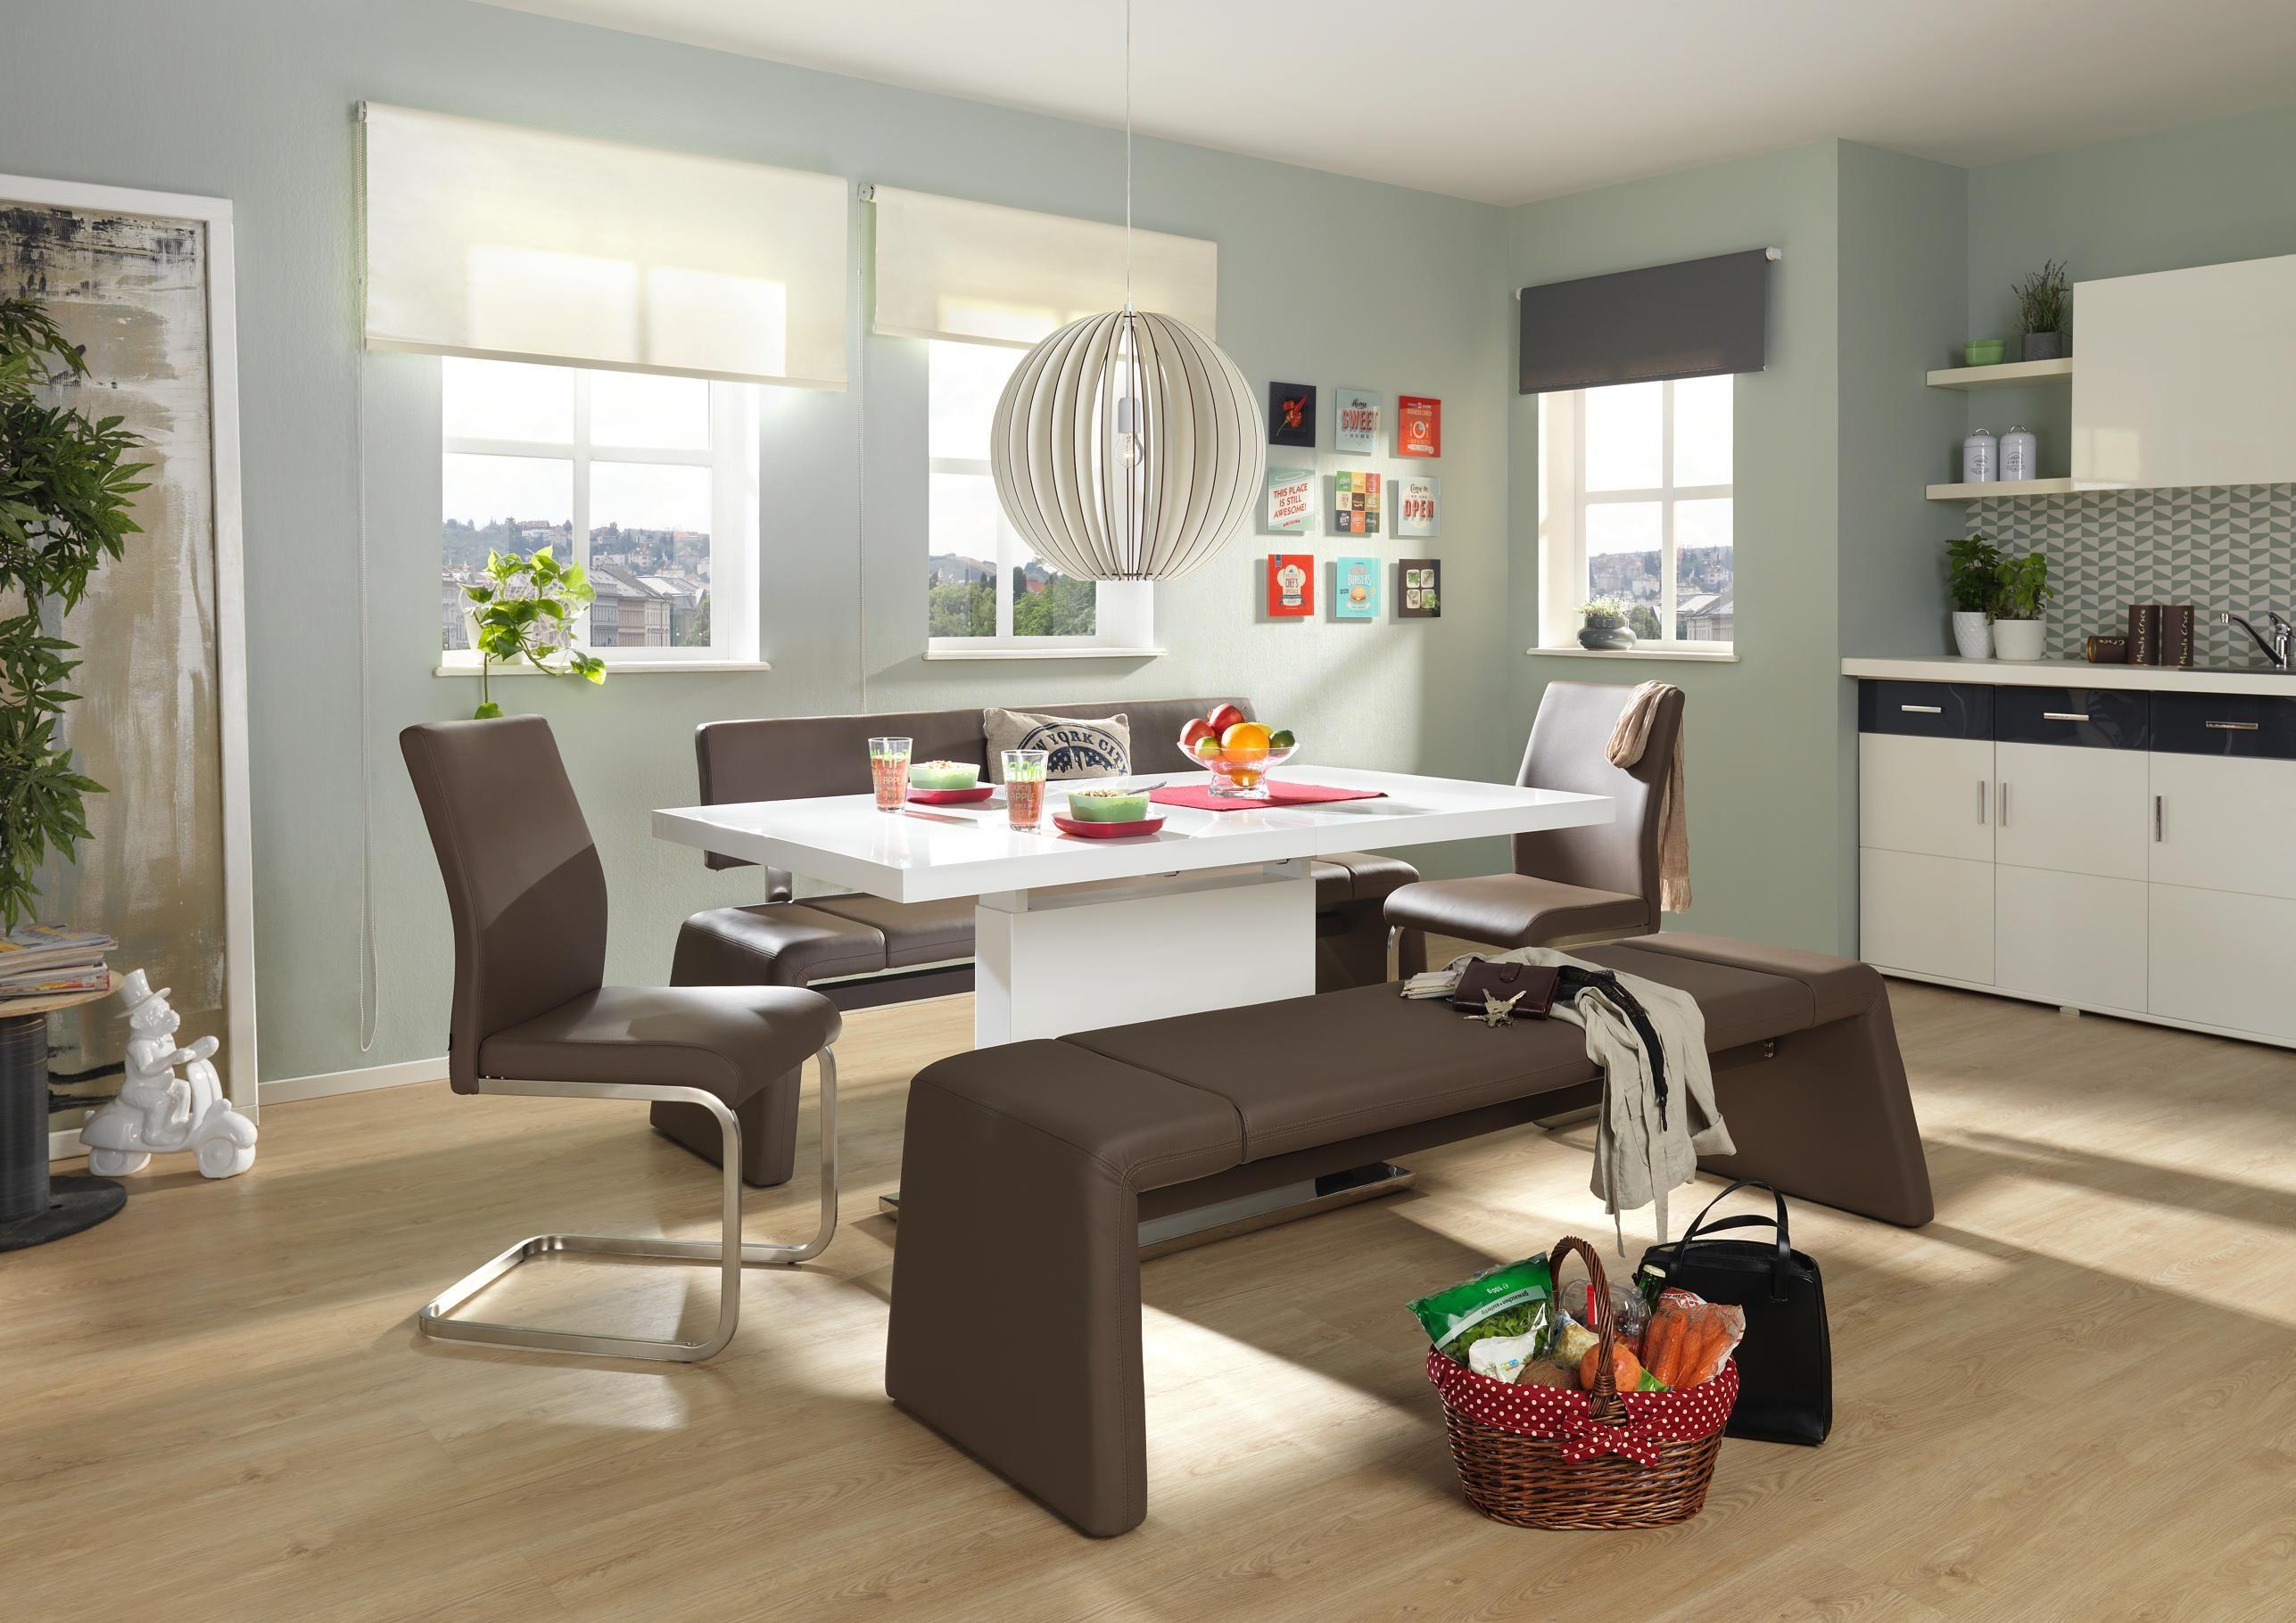 Esstisch für ein modernes Zuhause zum Wohlfühlen | Esszimmer ...